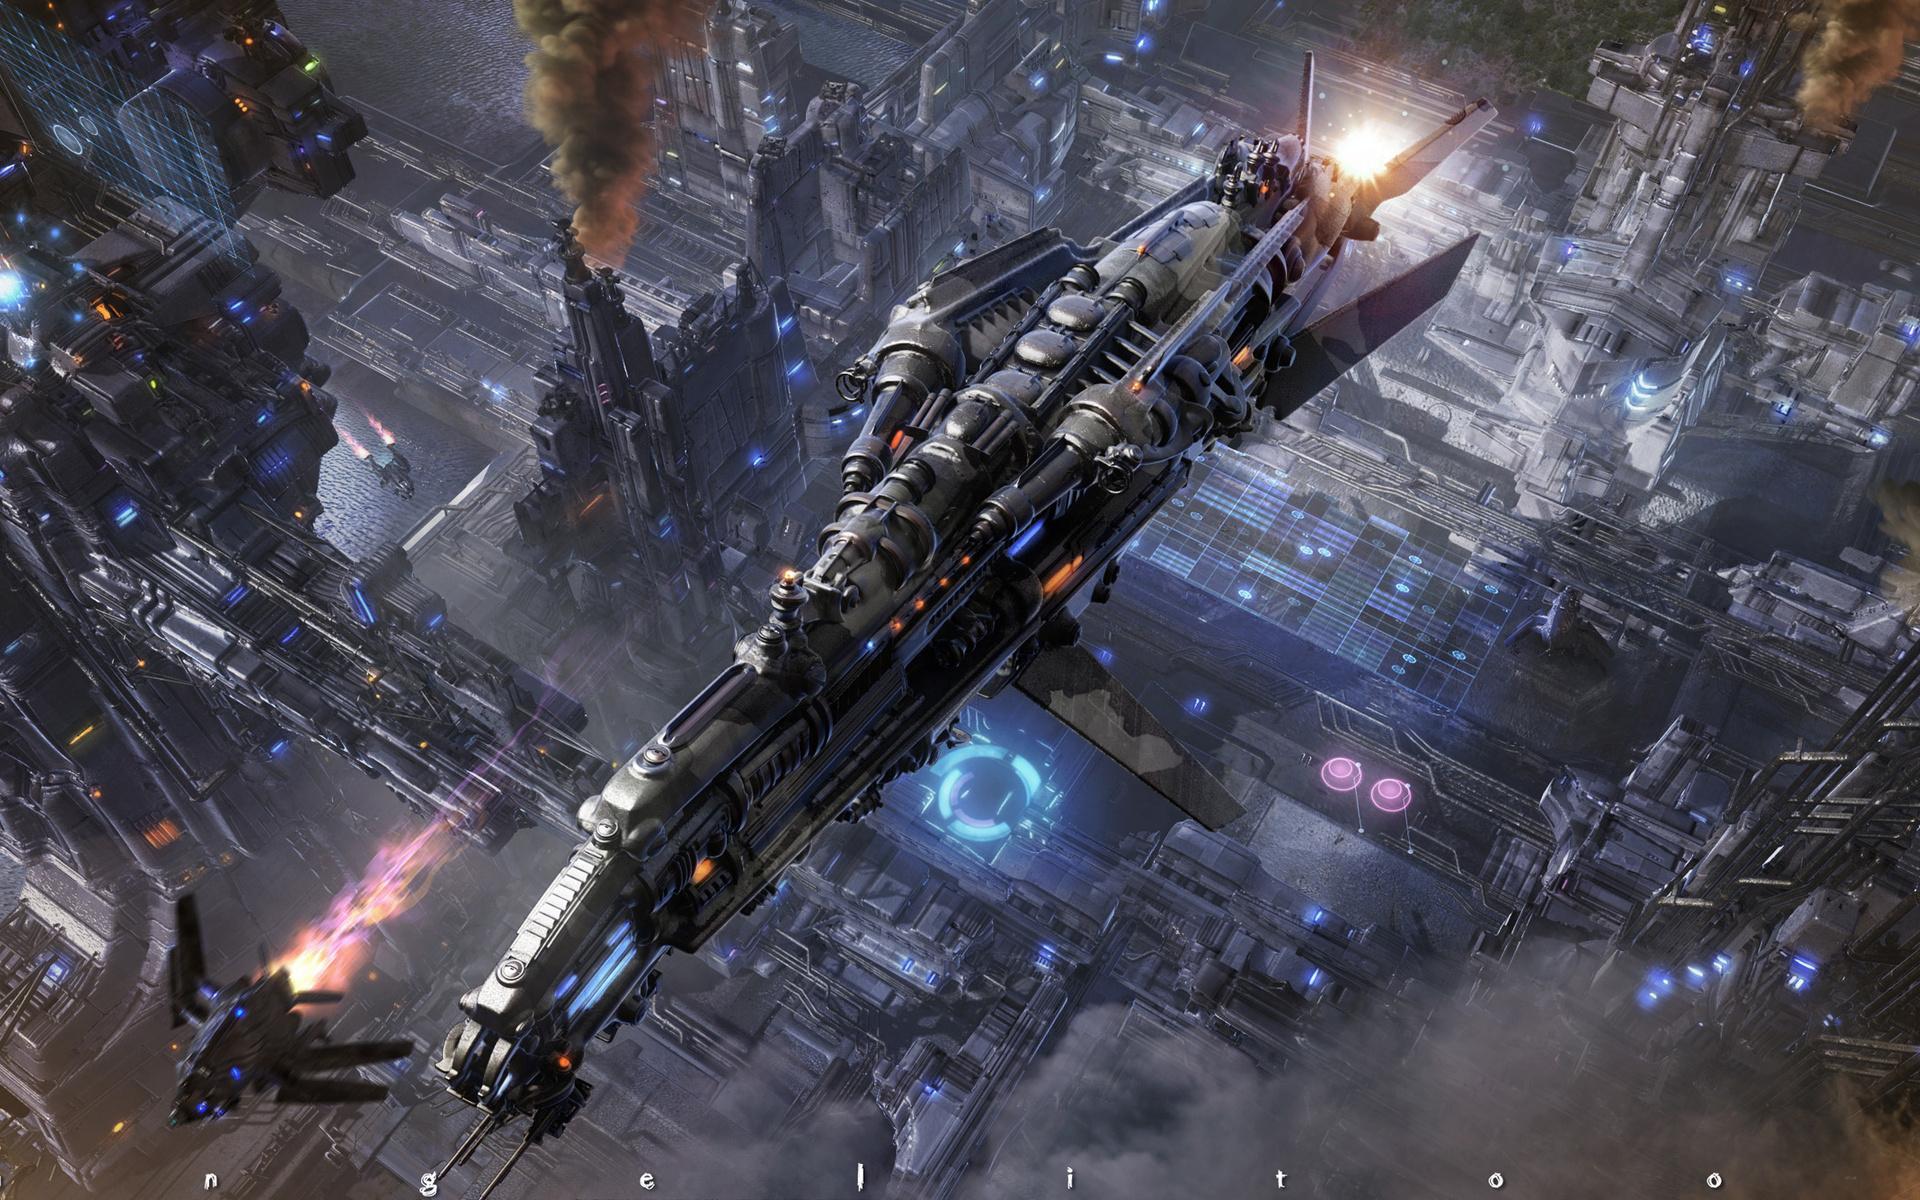 Futuristic Spaceship Spacecraft Cities Wallpaper